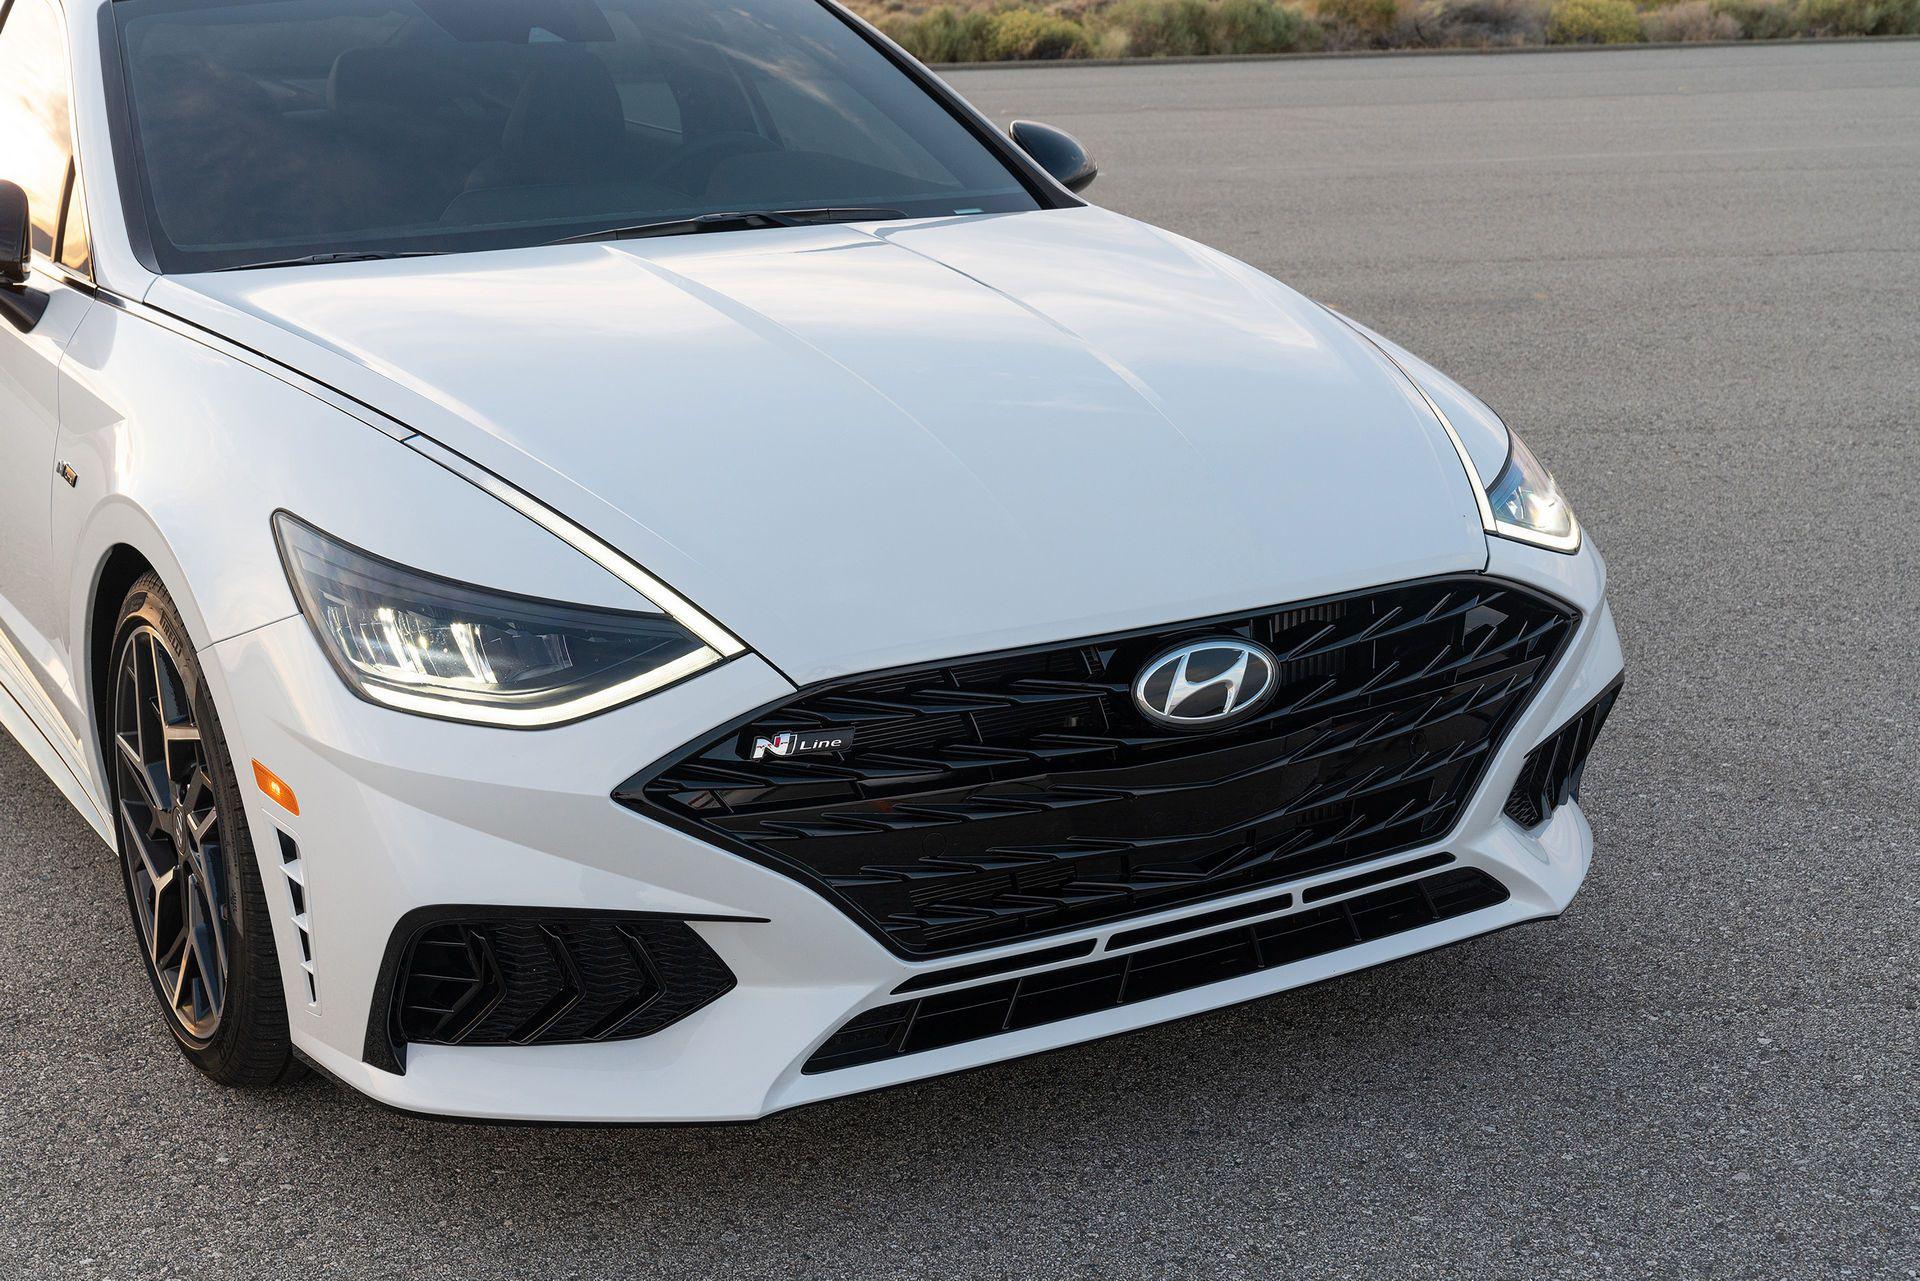 Hyundai-Sonata-N-Line-2021-16